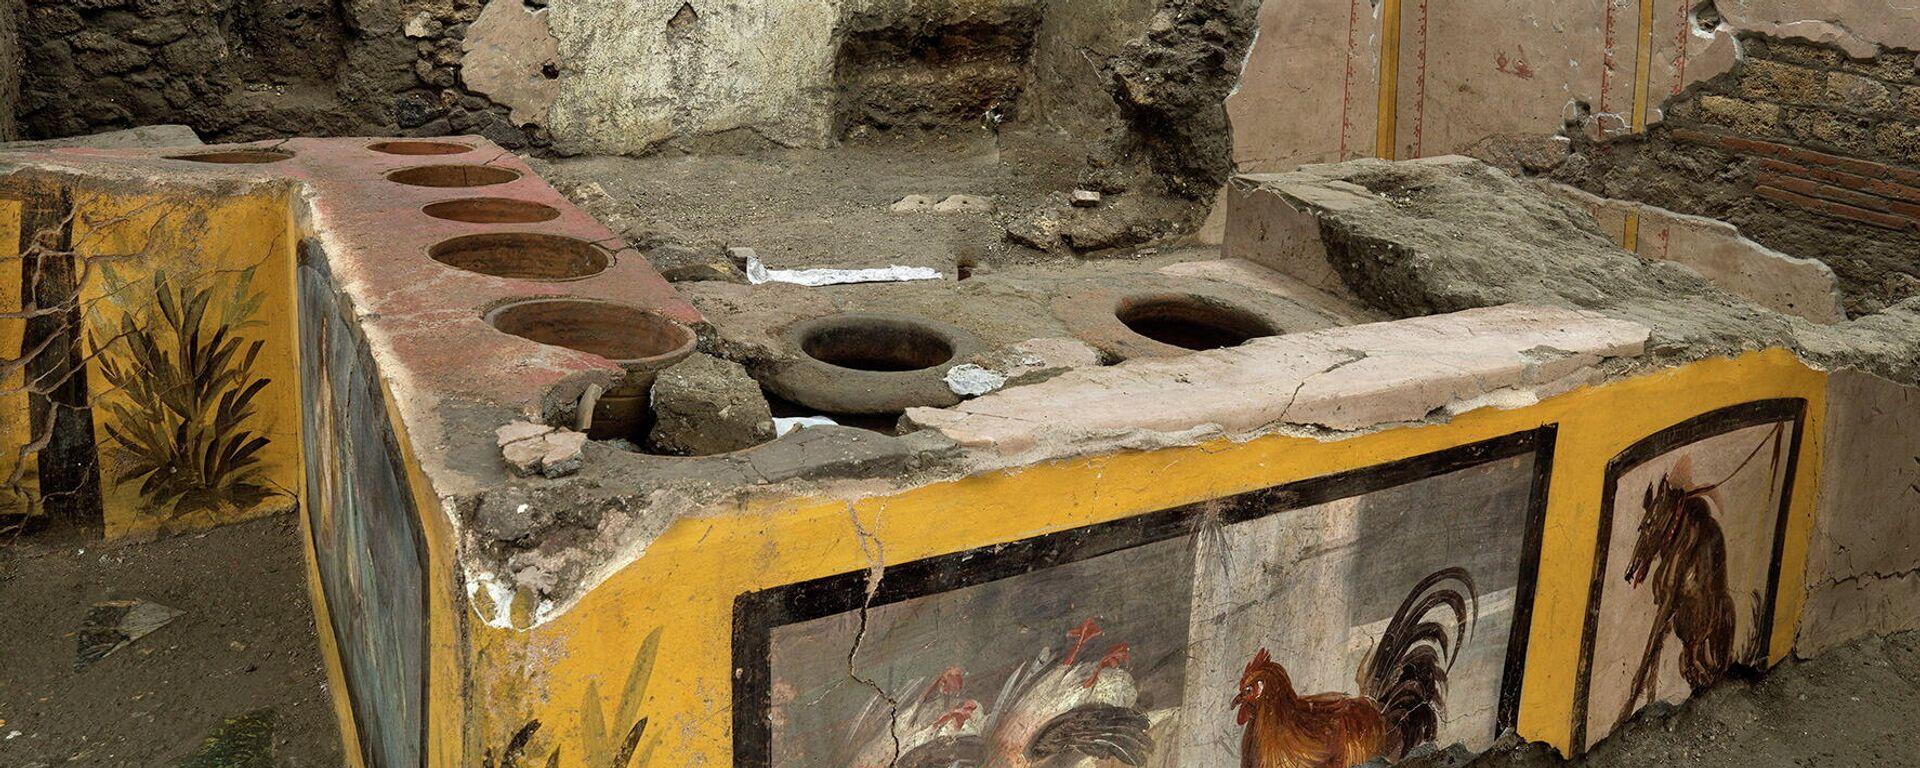 """Antike """"Snackbar"""" von Pompeji ausgegraben - SNA, 1920, 27.12.2020"""